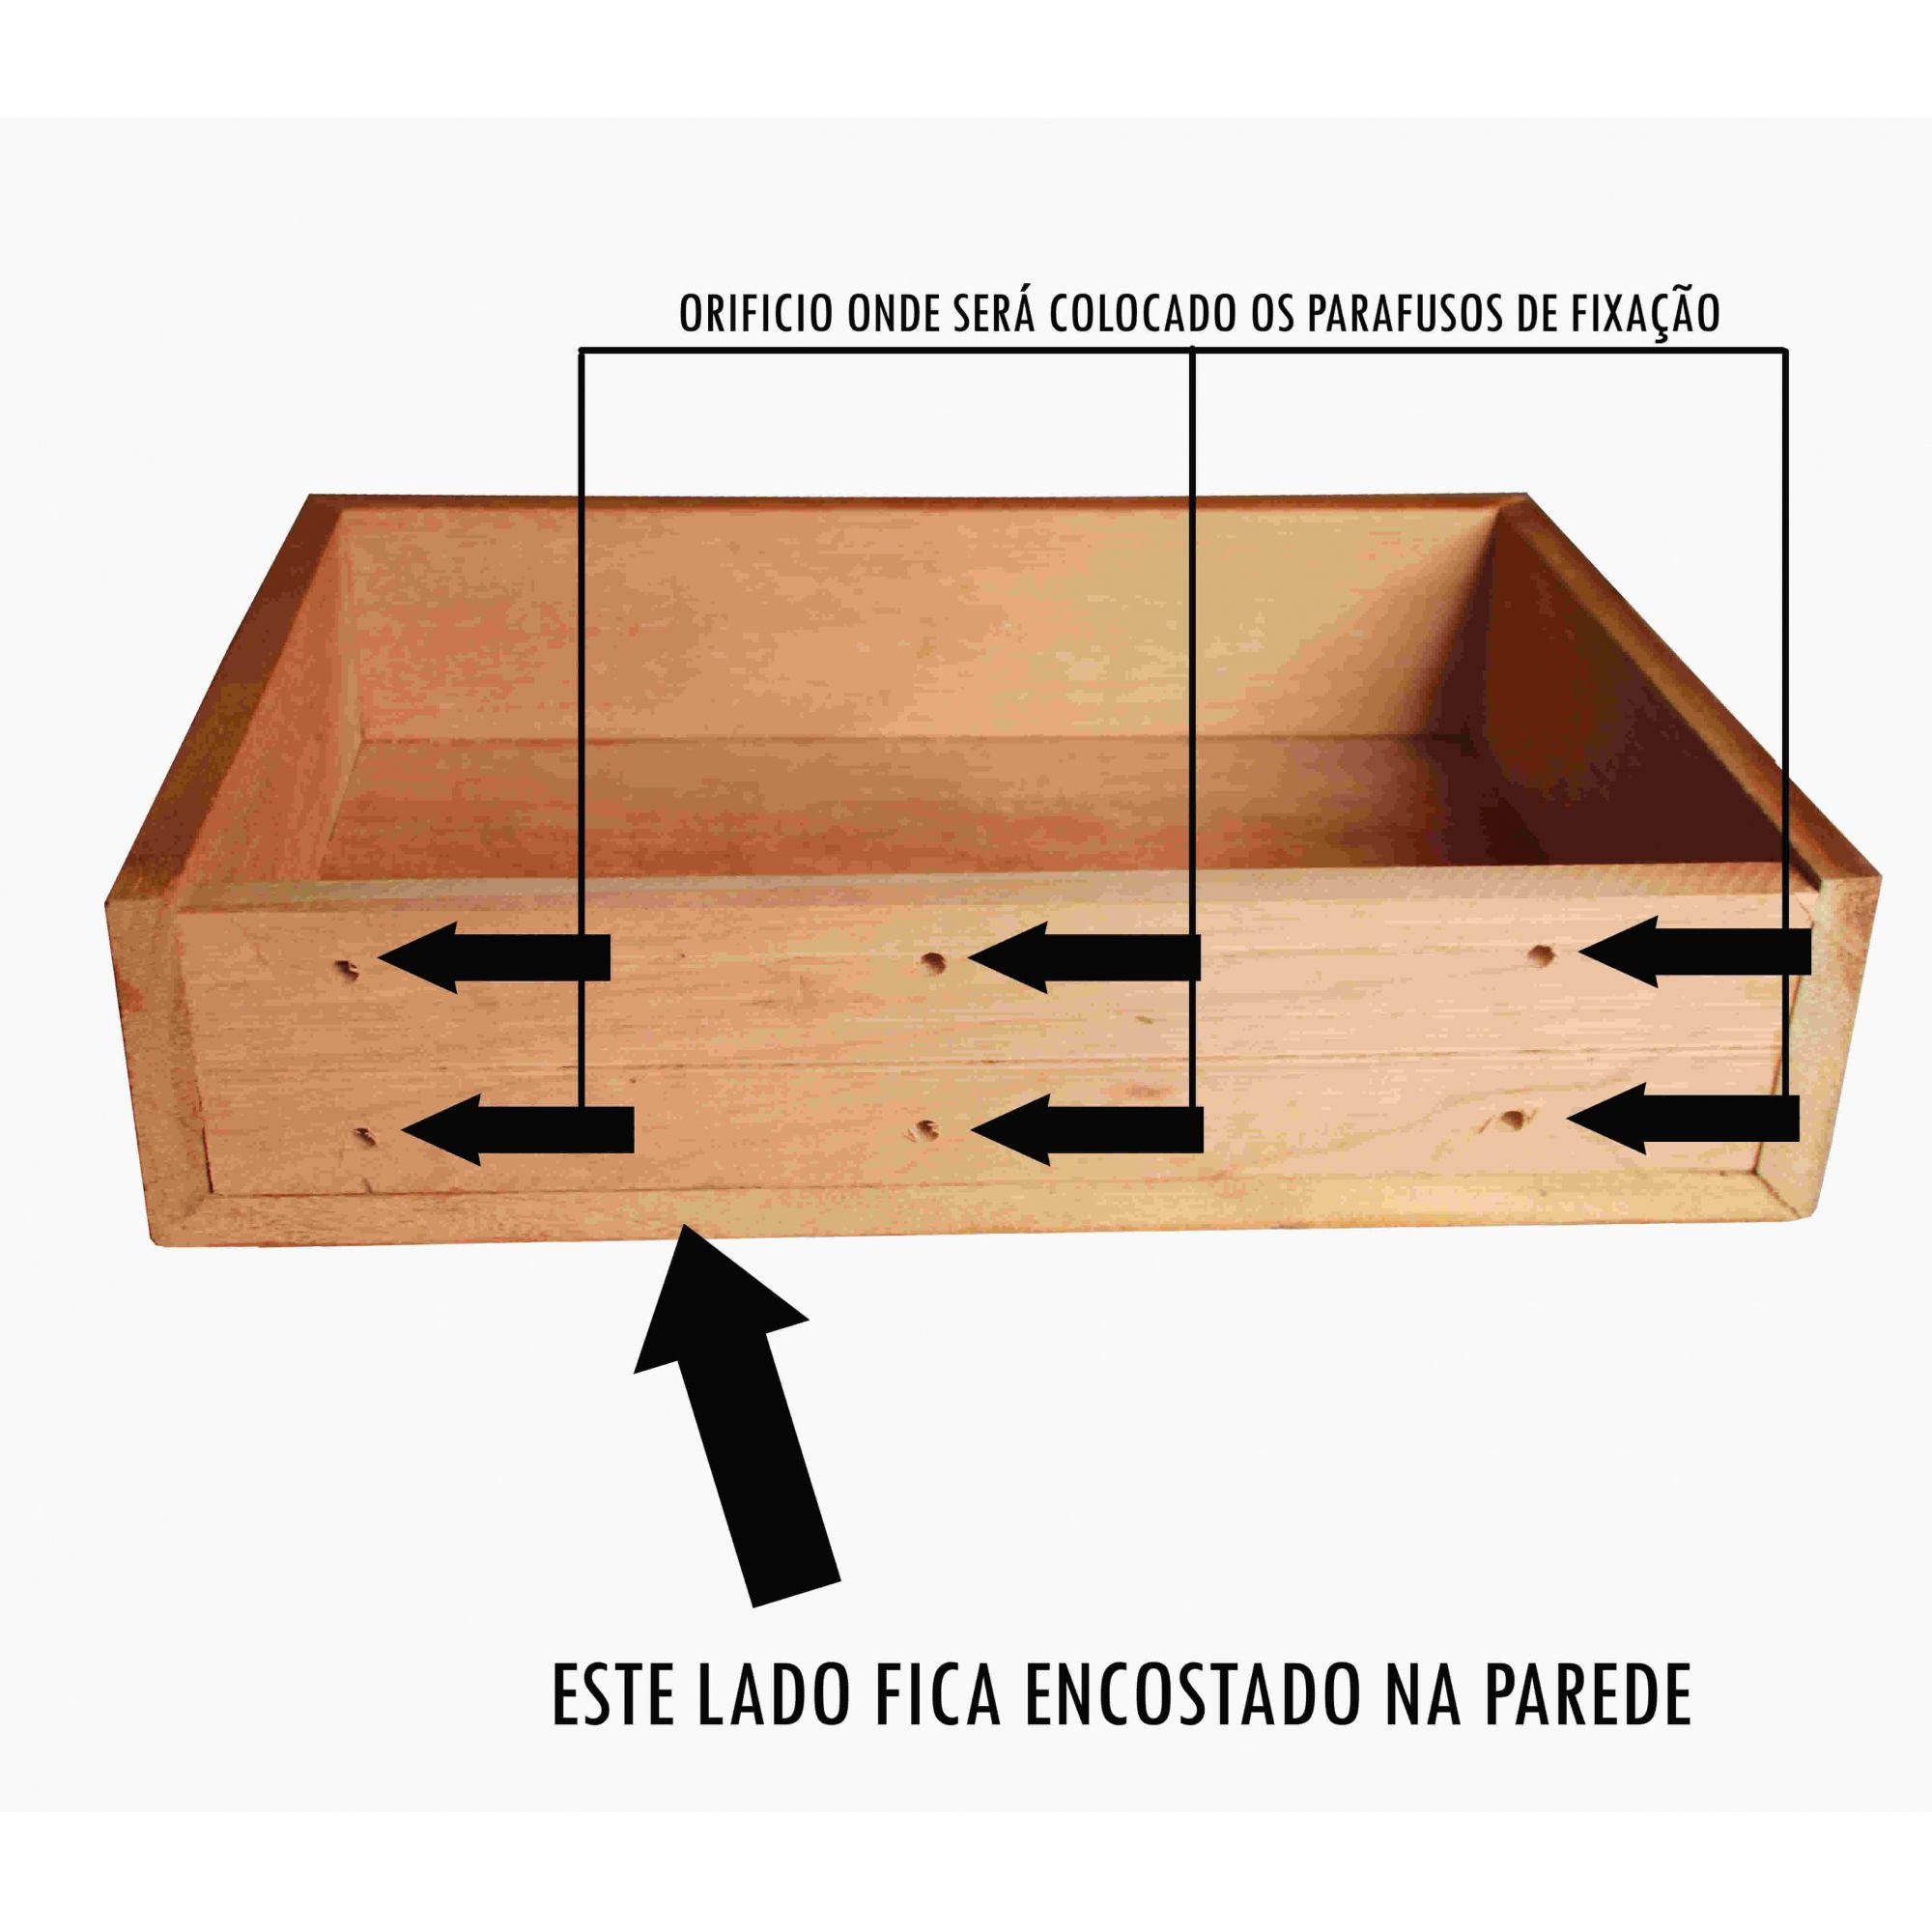 Bancada + Prateleira Banheiro Em Madeira De Demolição 80x40